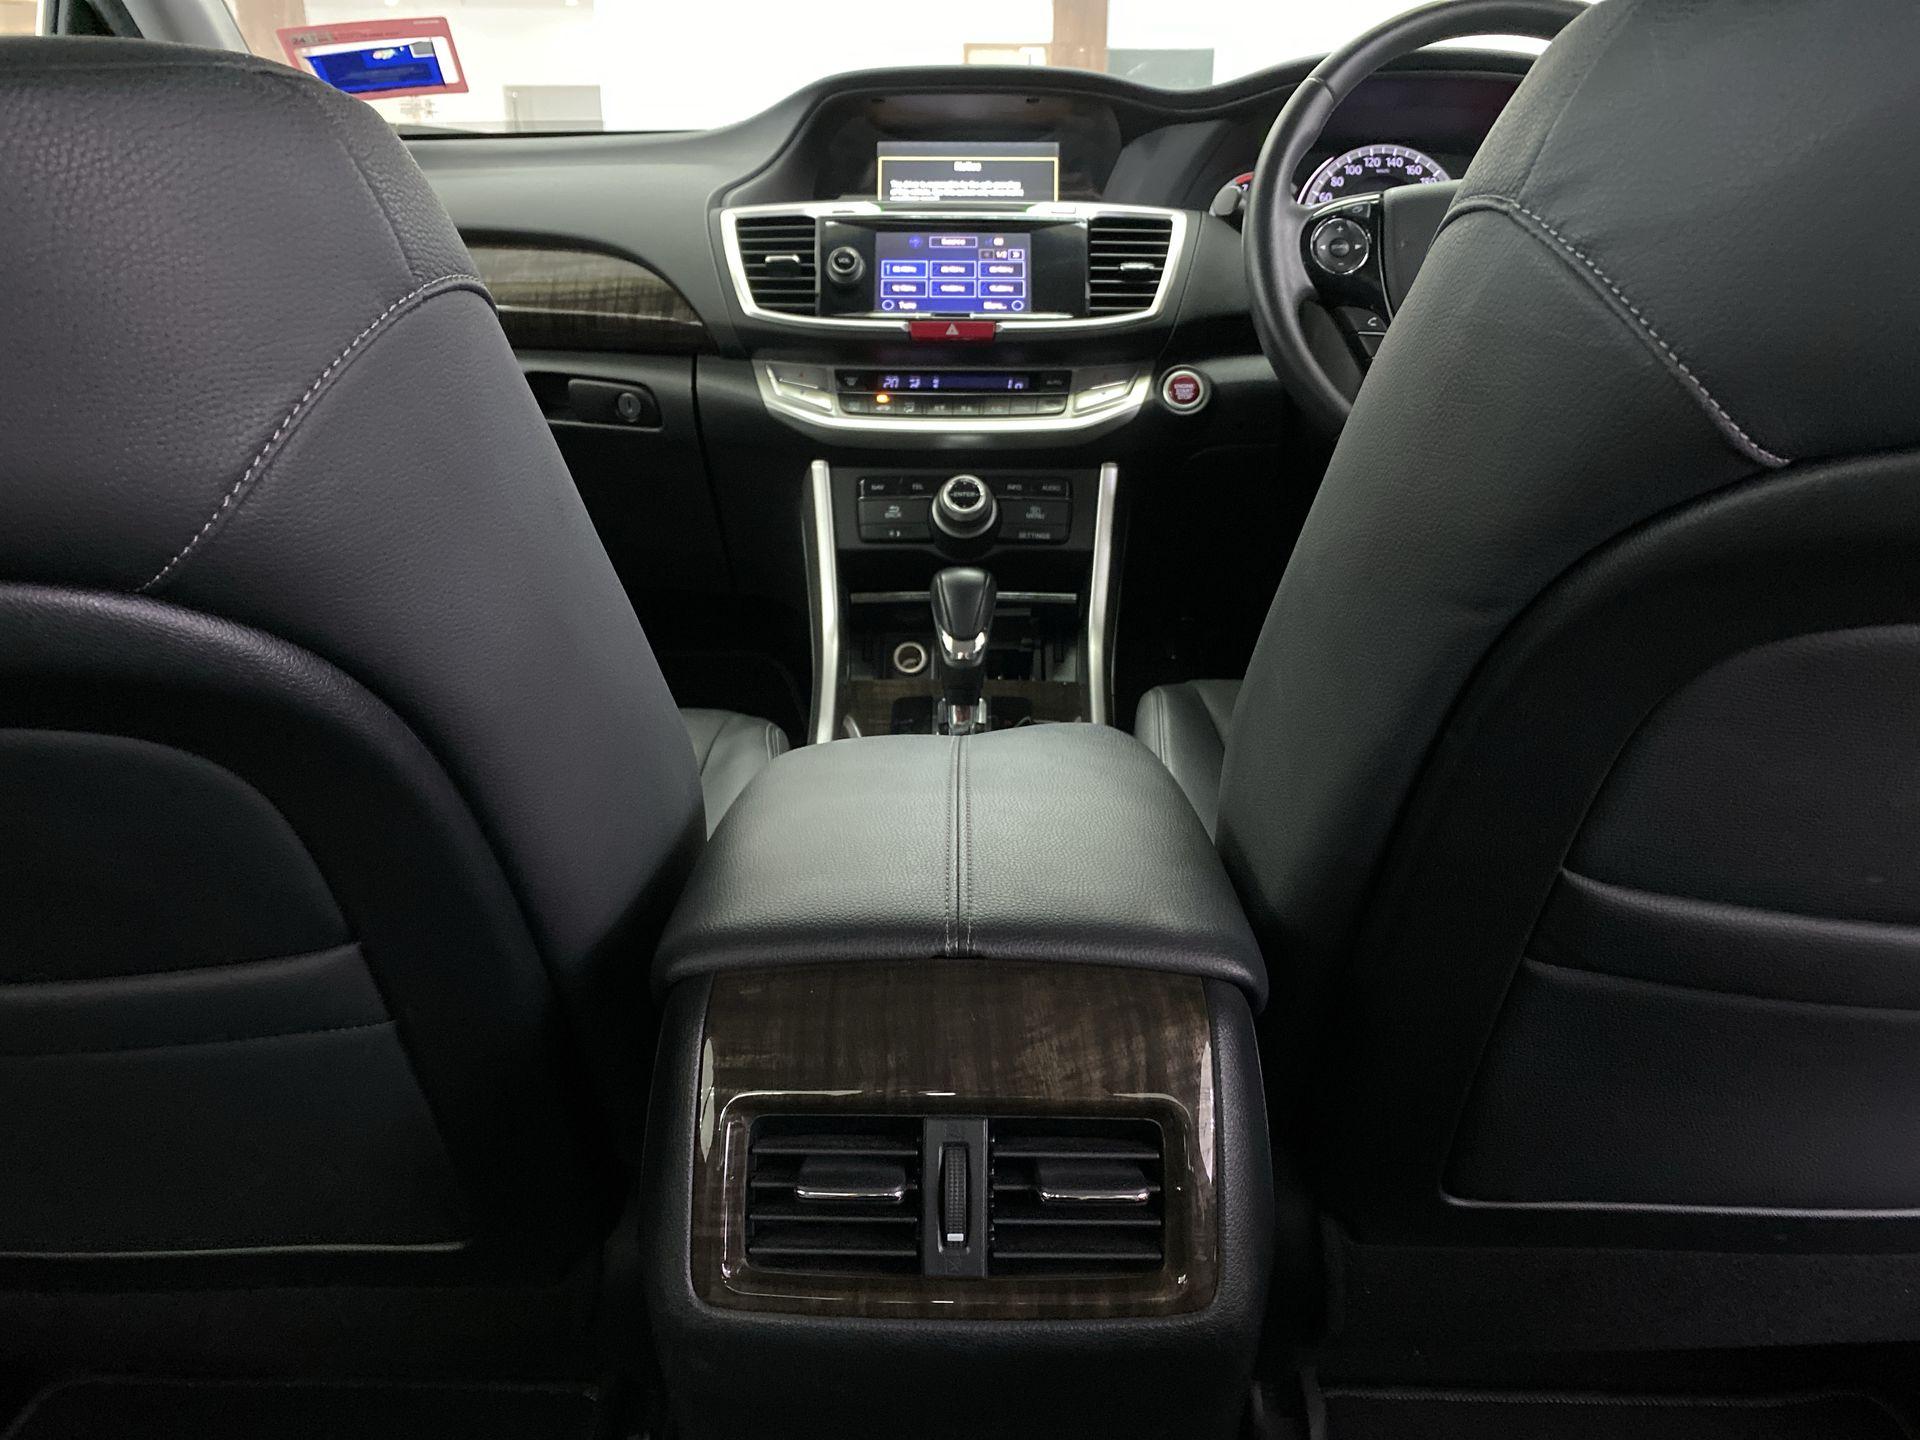 2014 Honda Accord 2.0L VTI-L (A)